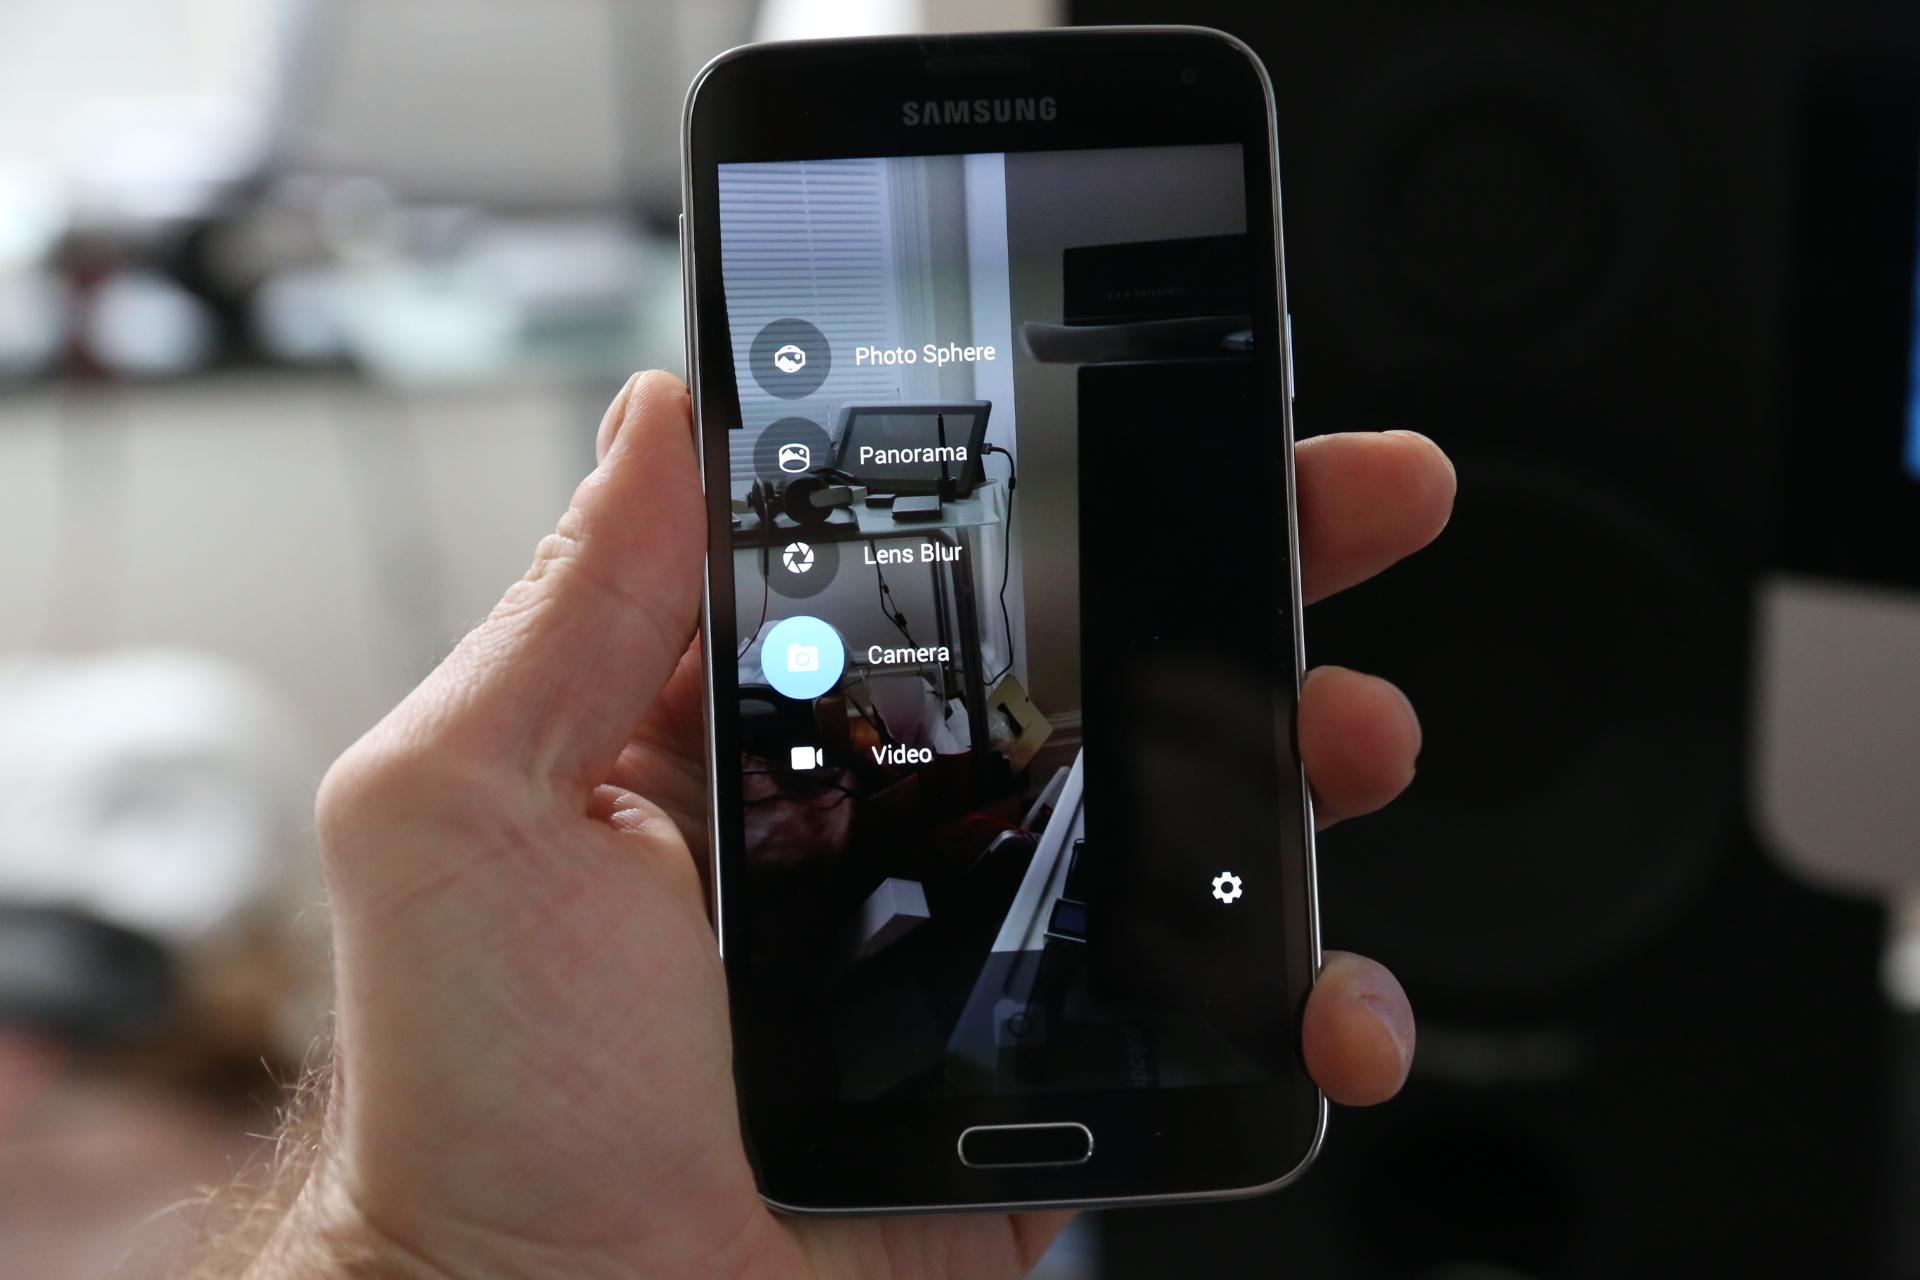 تحديث تطبيق كاميرا قوقل ببعض مزايا كاميرا نظام Android M المنتظر